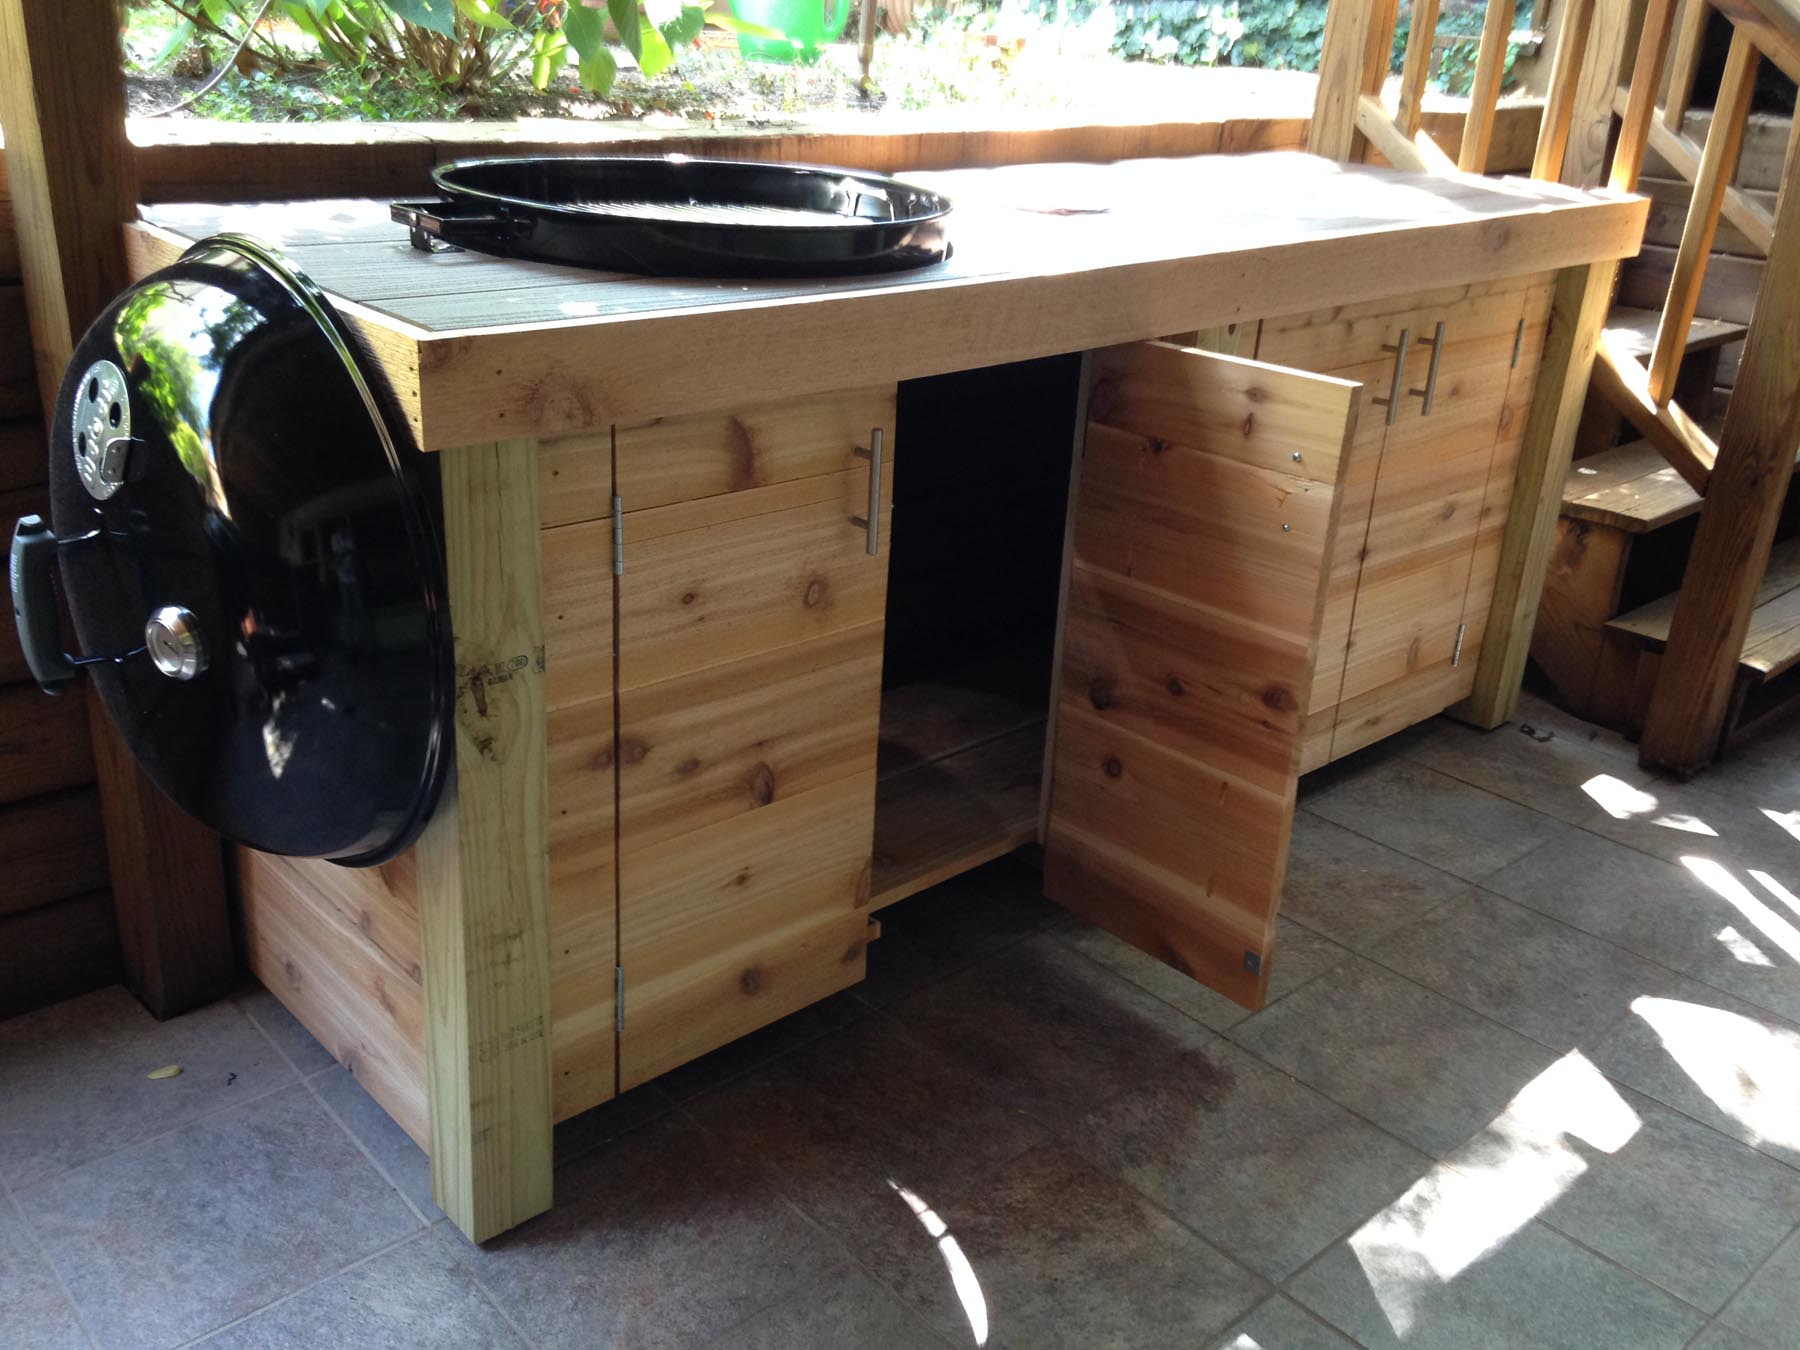 Outdoor Küche Mit Weber Spirit : Outdoor küche weber neue outdoor küche im ländle seite